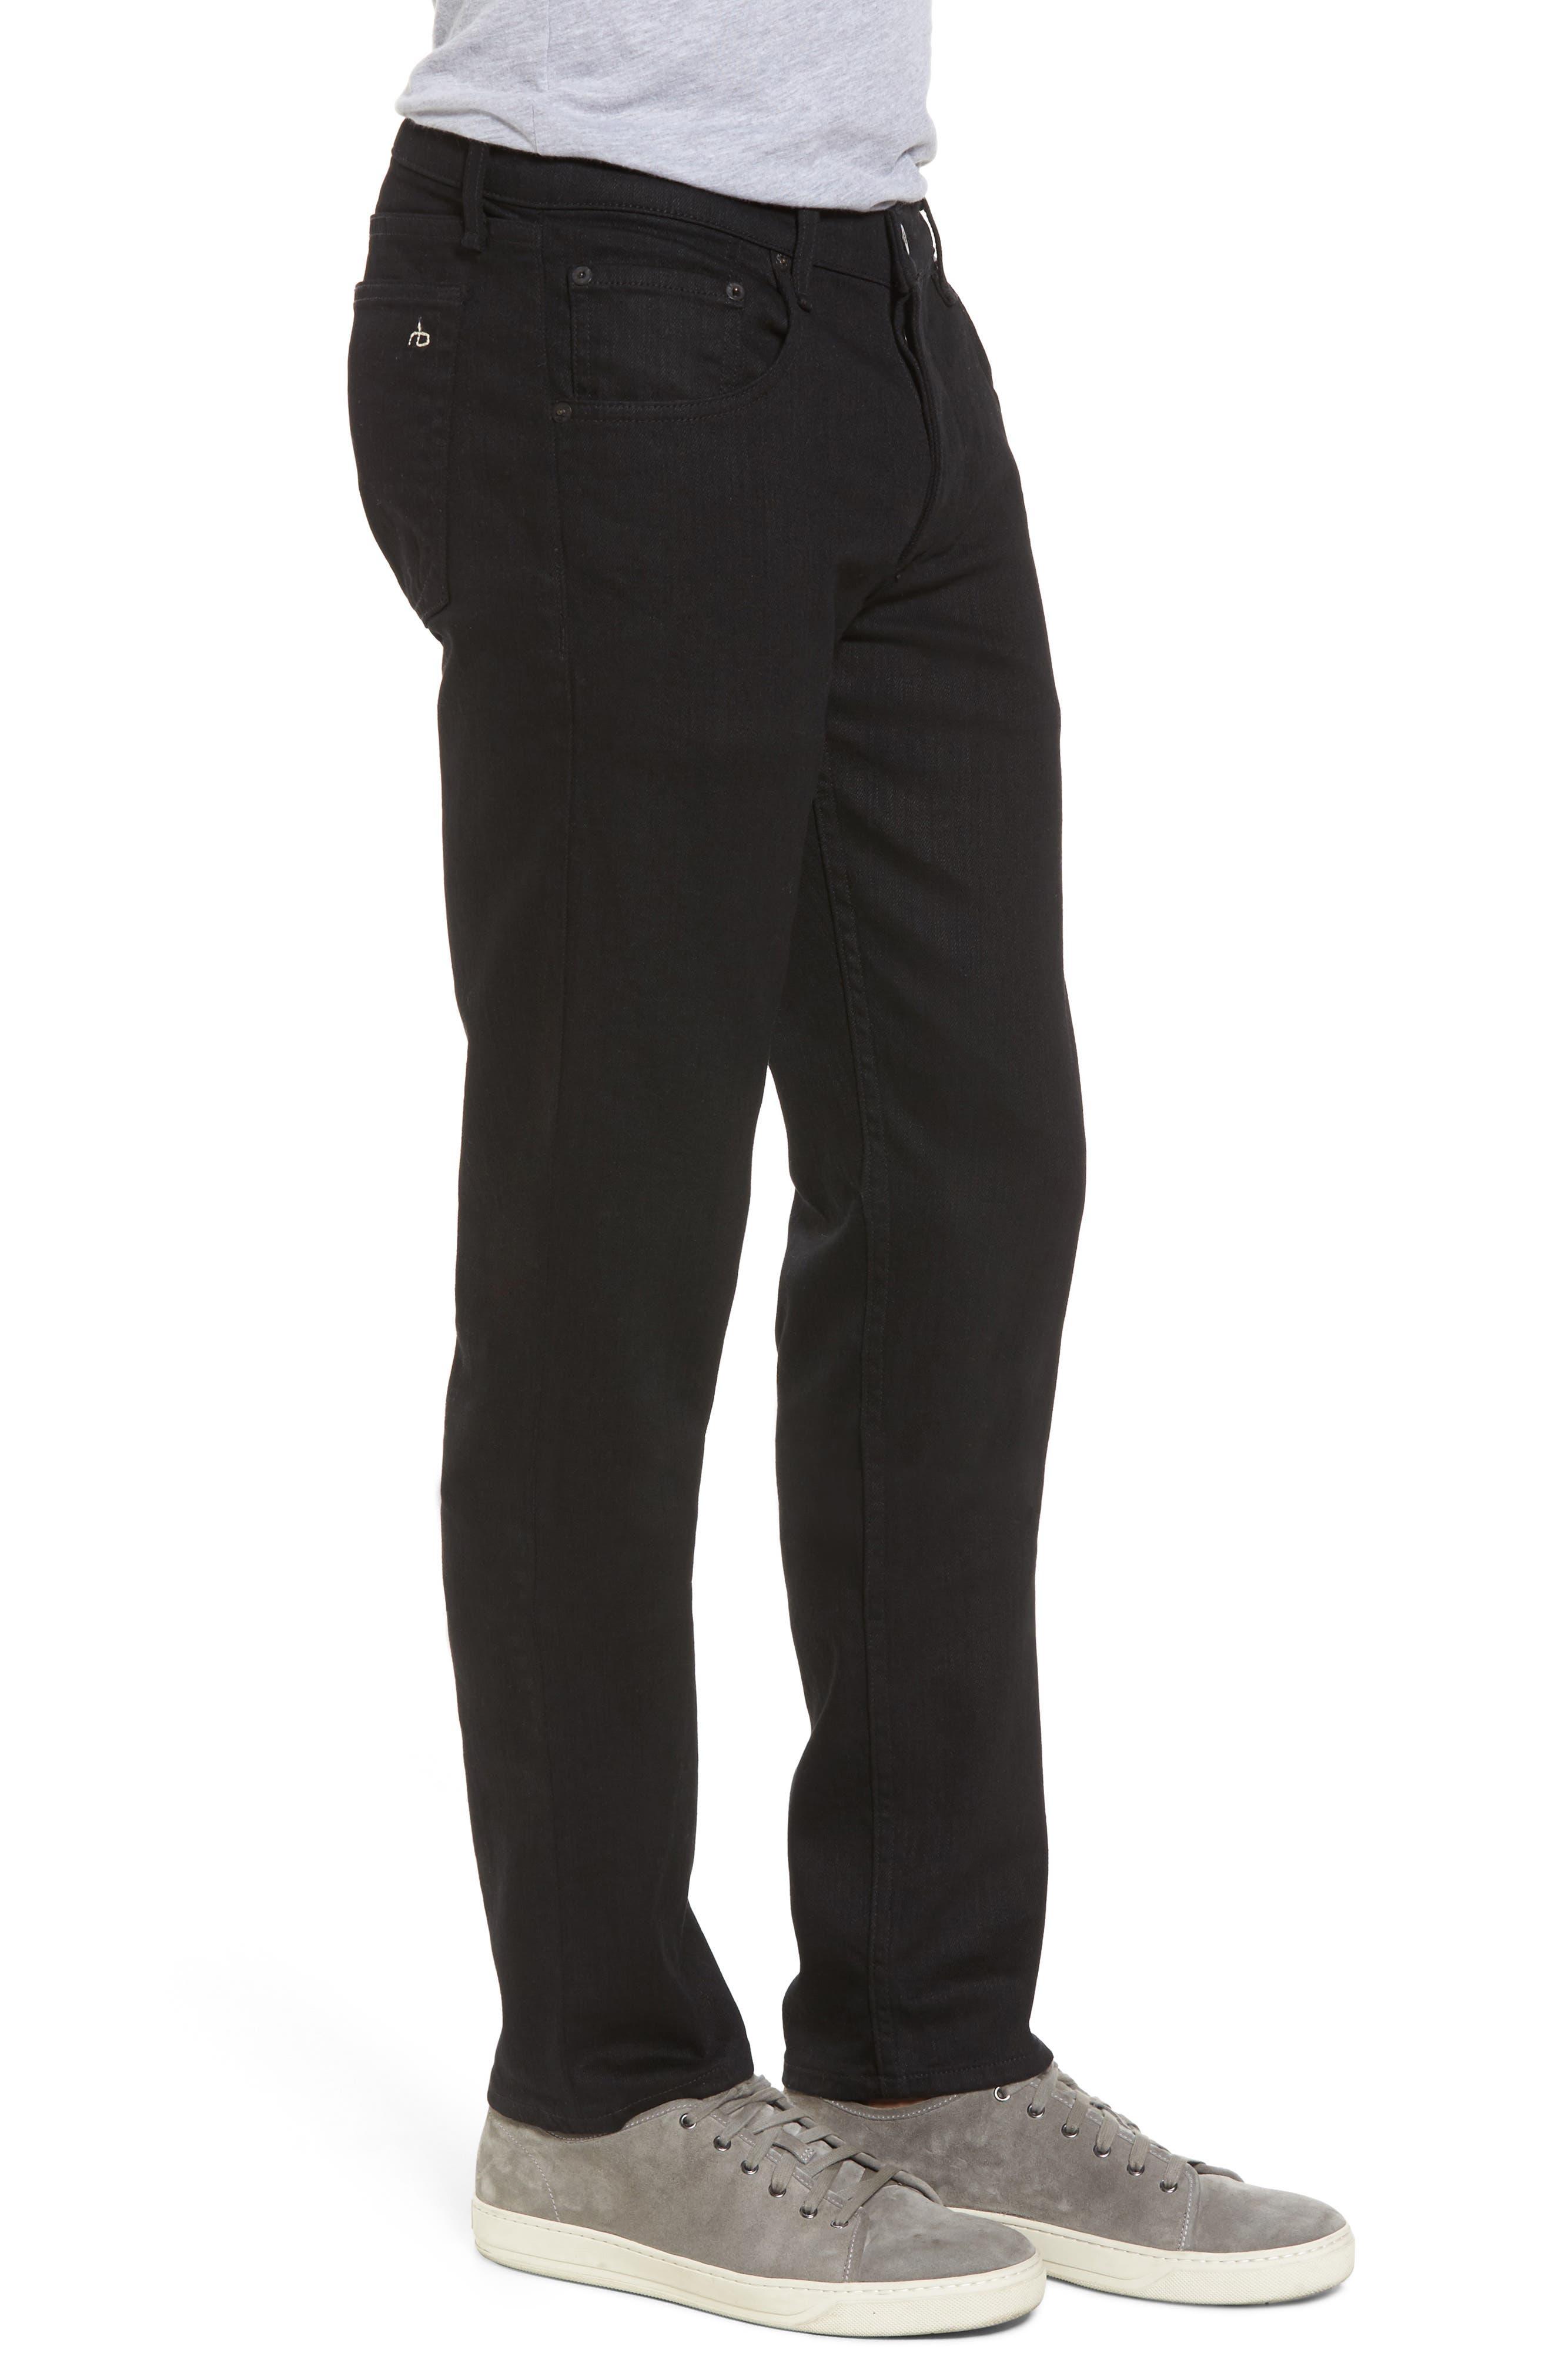 Fit 2 Slim Fit Jeans,                             Alternate thumbnail 3, color,                             BLACK